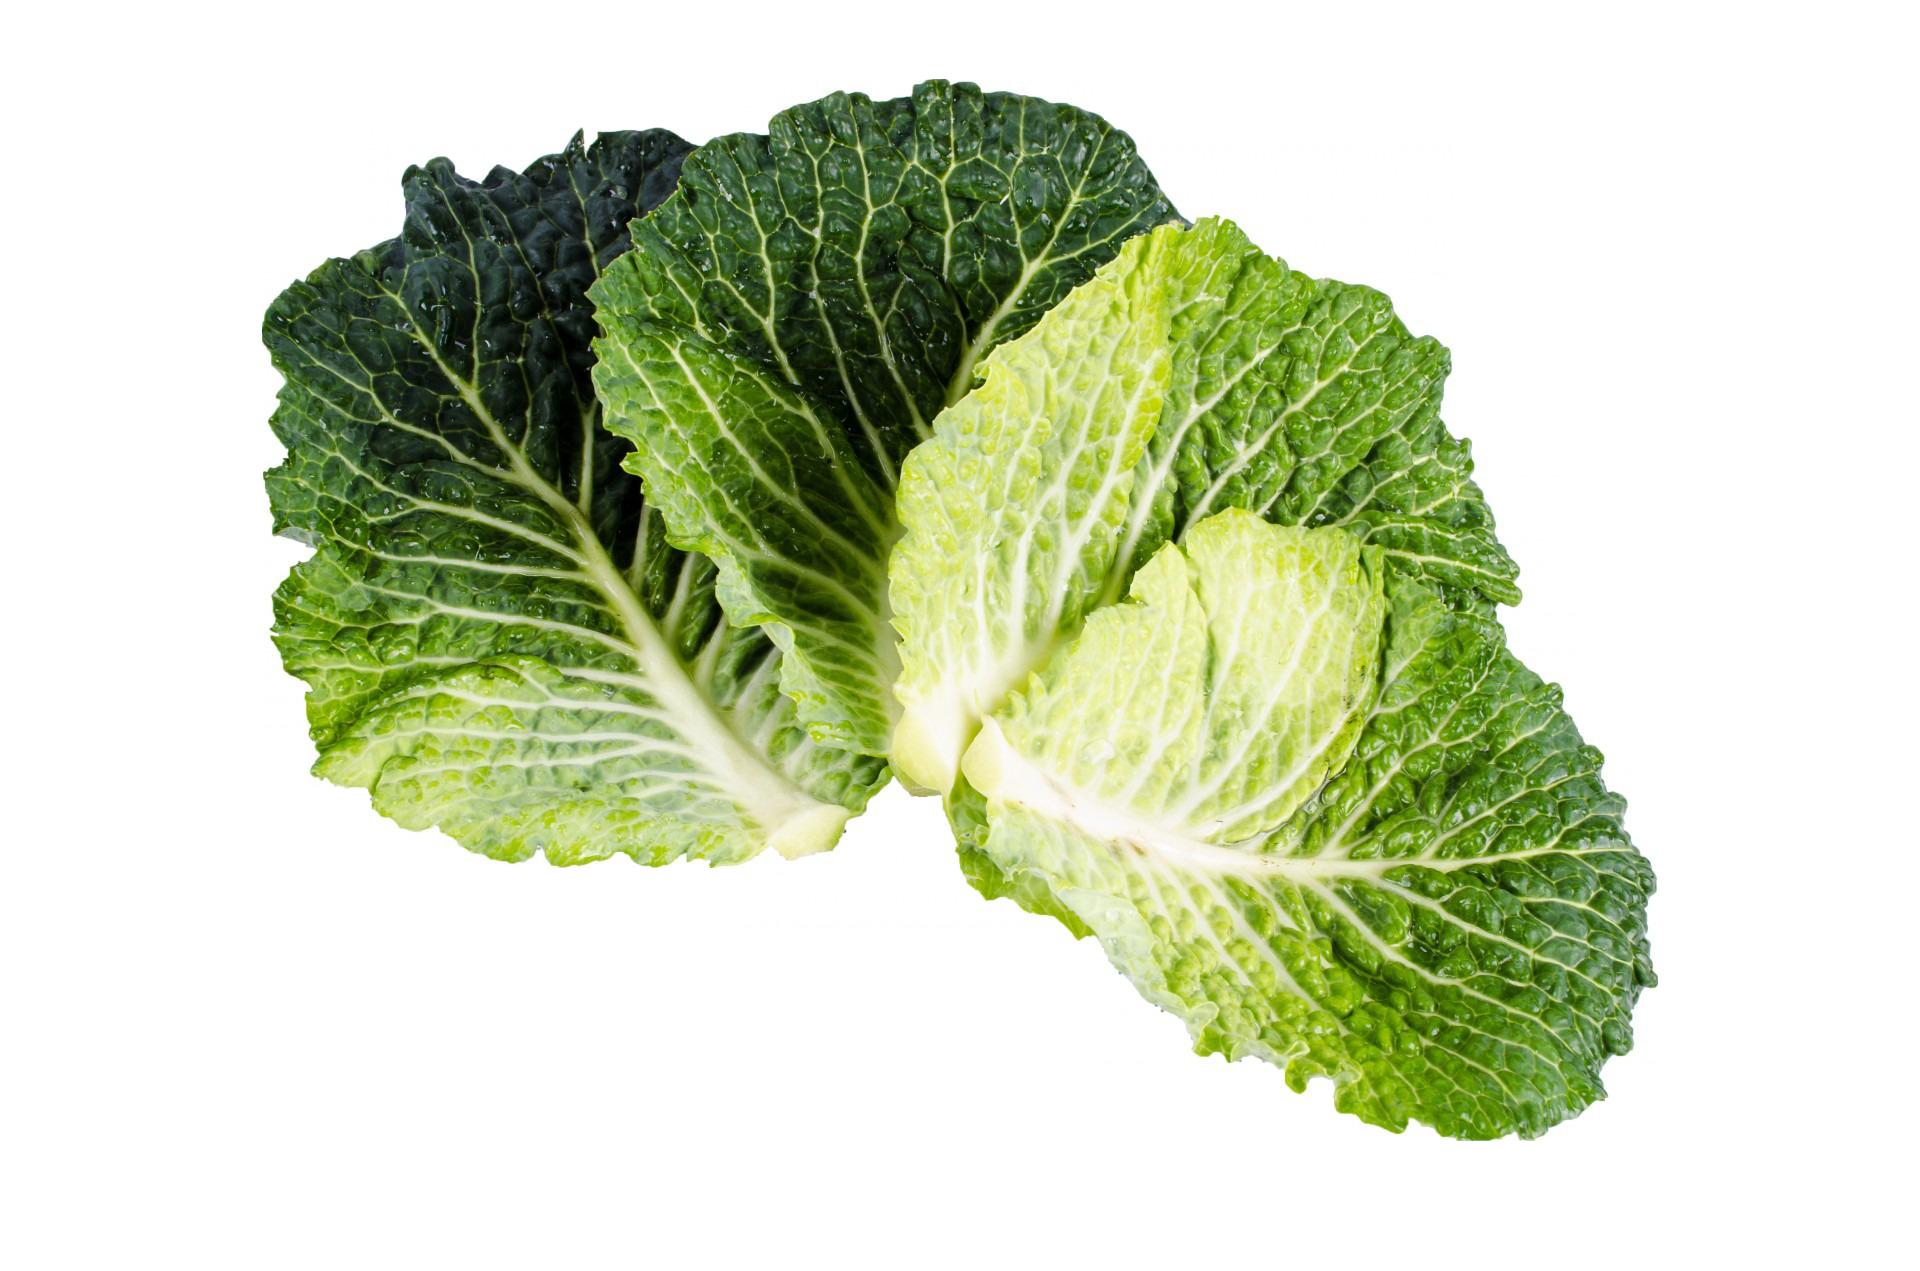 Kale PNG Image